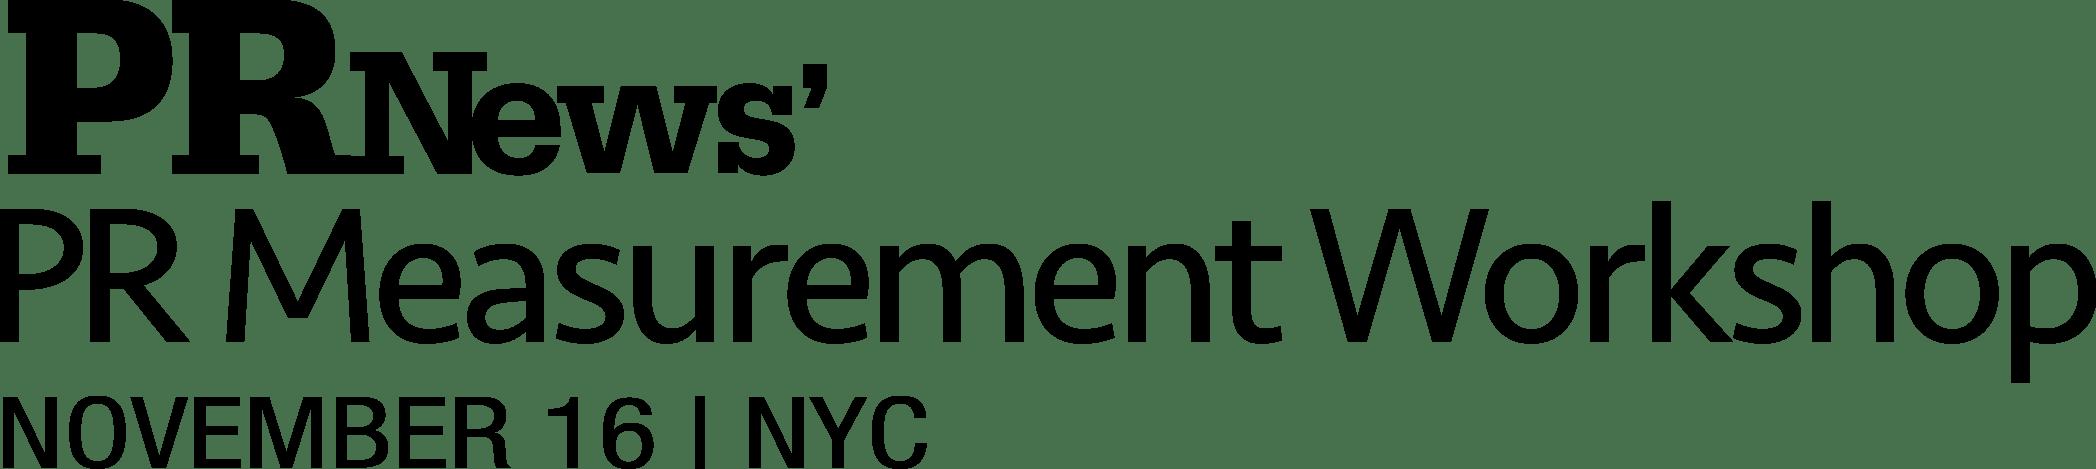 28643_PRN_WKS_Date_logo